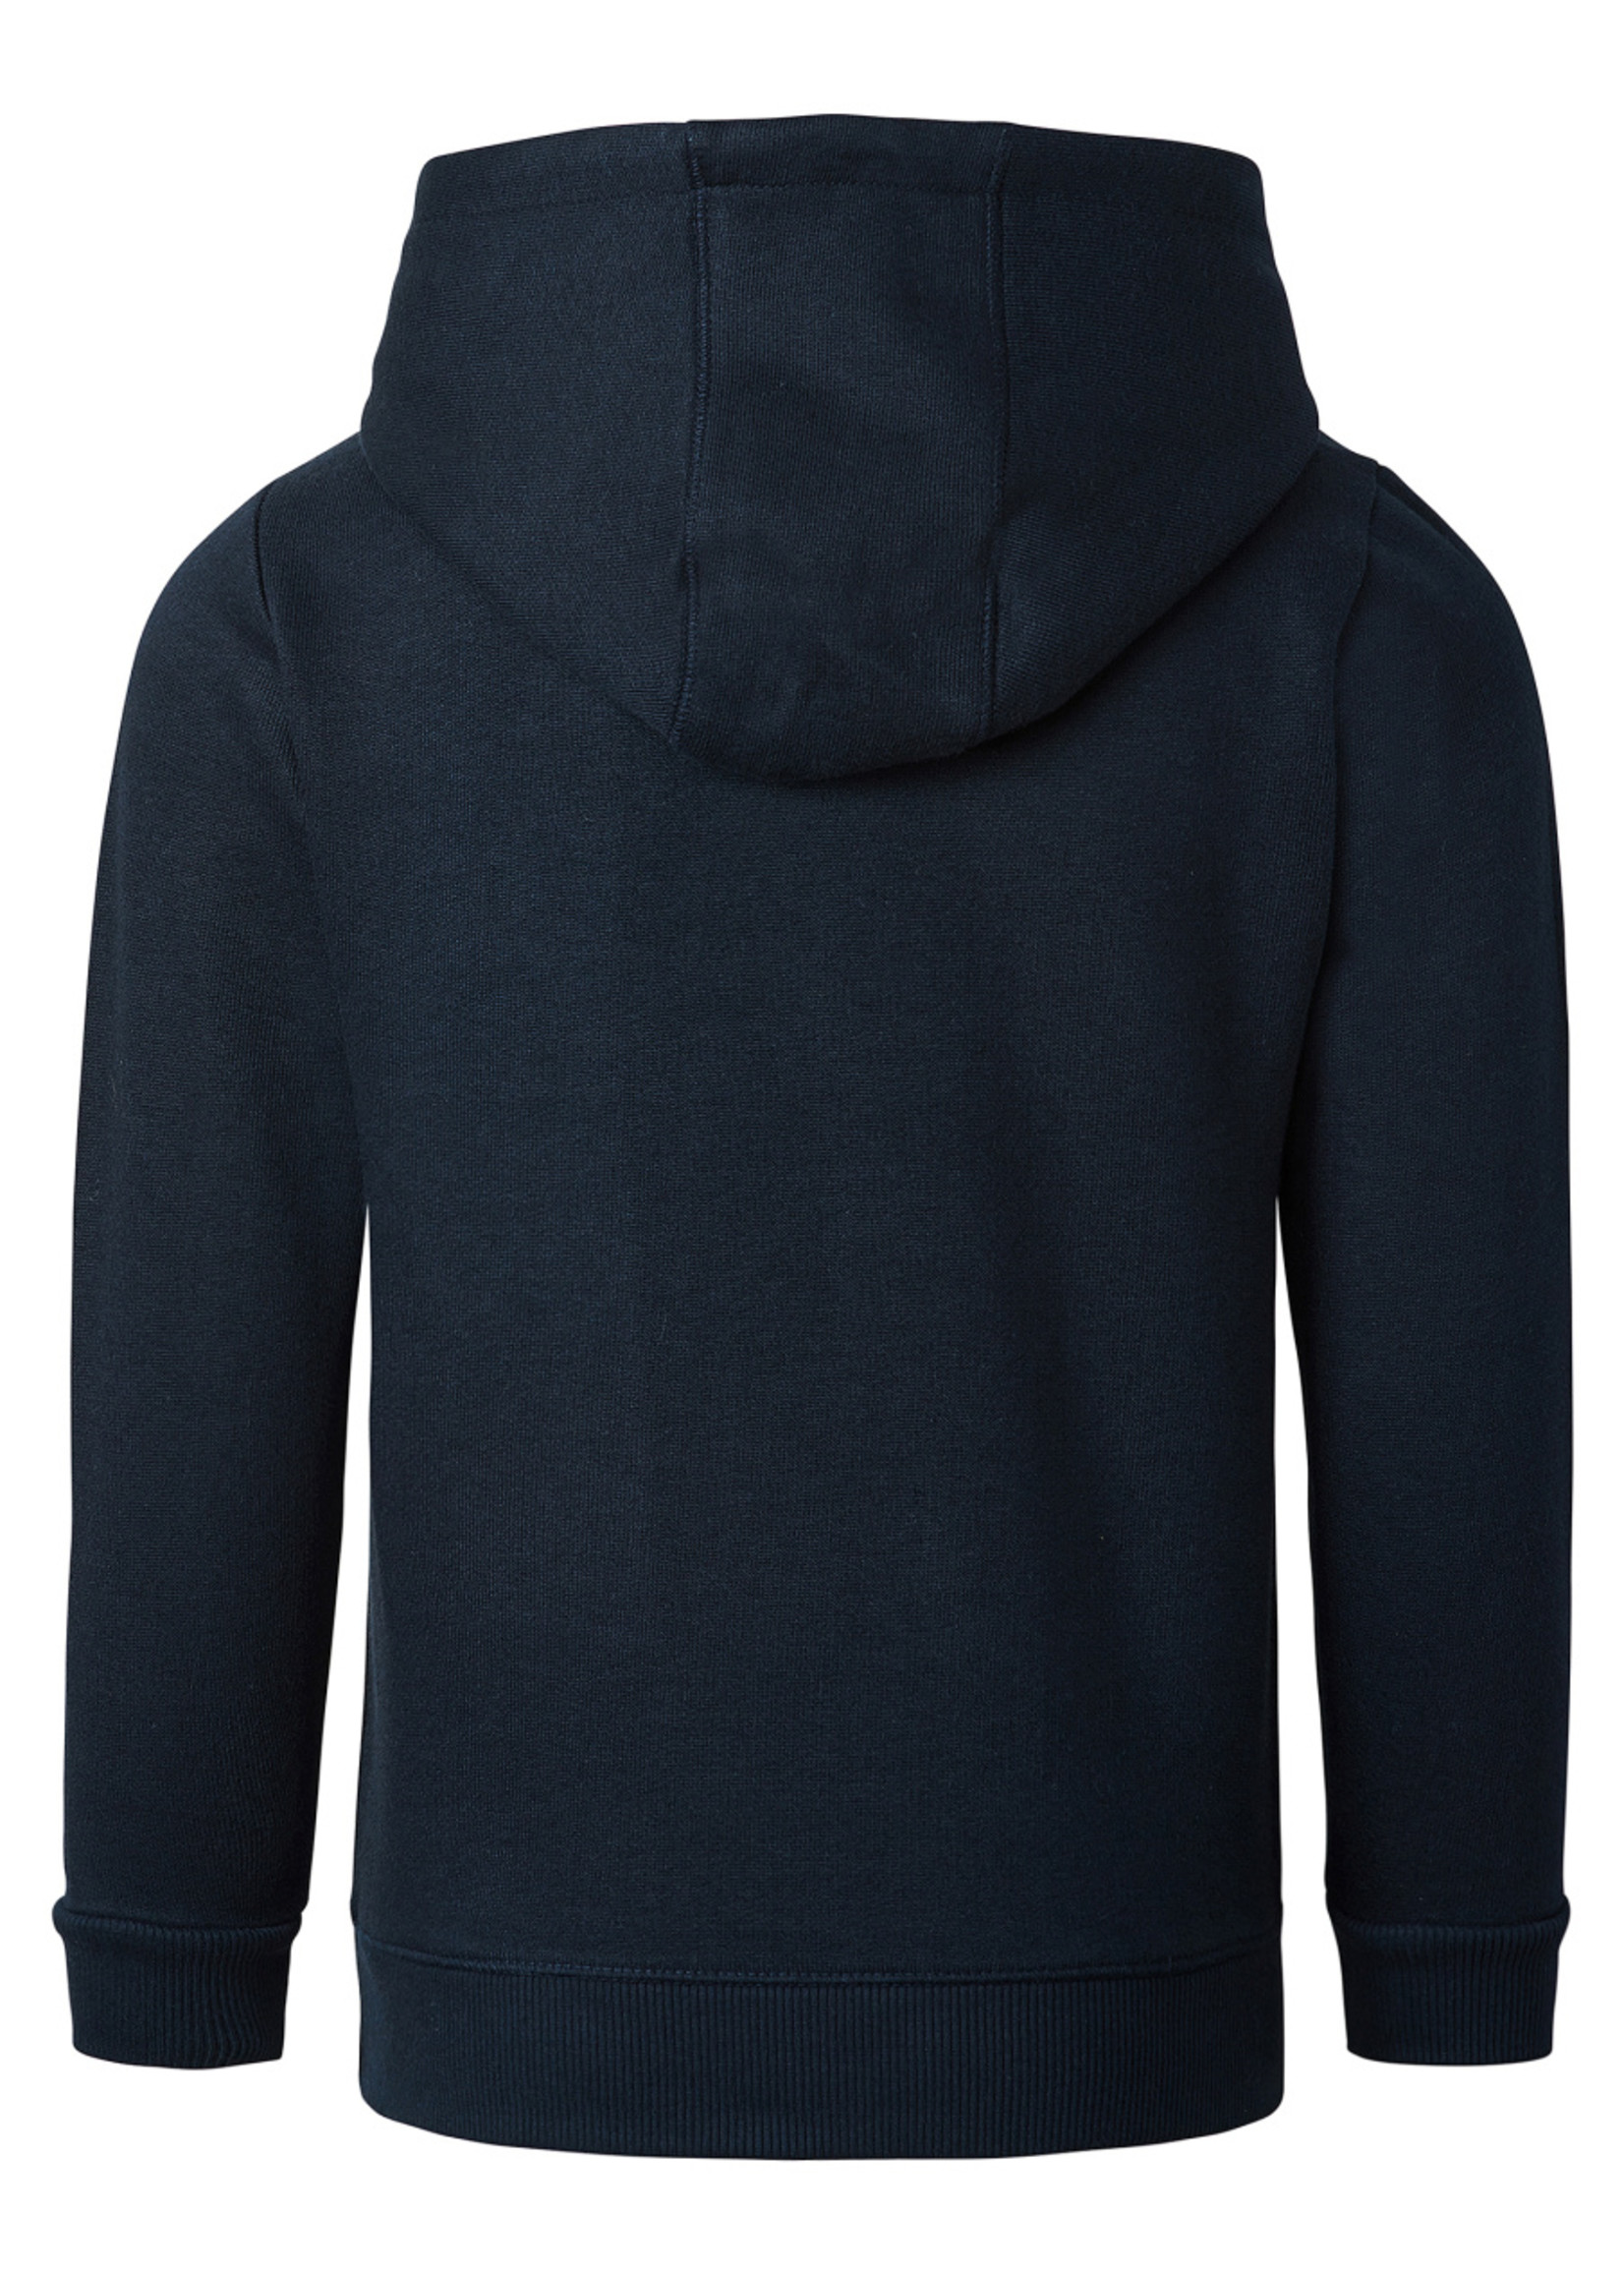 Noppies hooded sweater maat 80